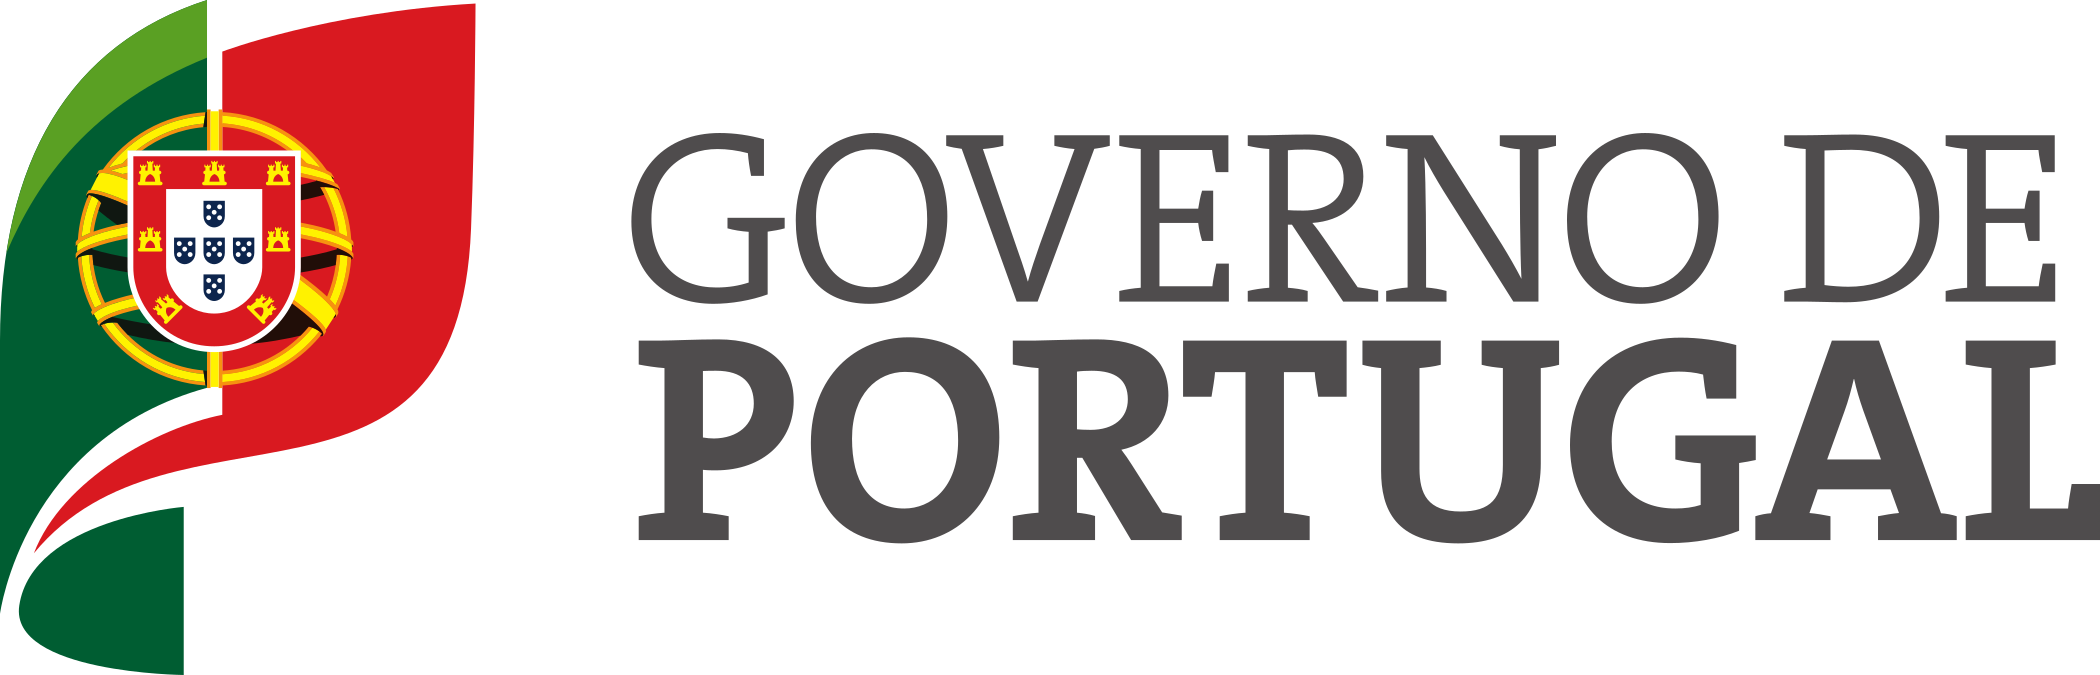 governo portugal 2 - Governo de Portugal Logo